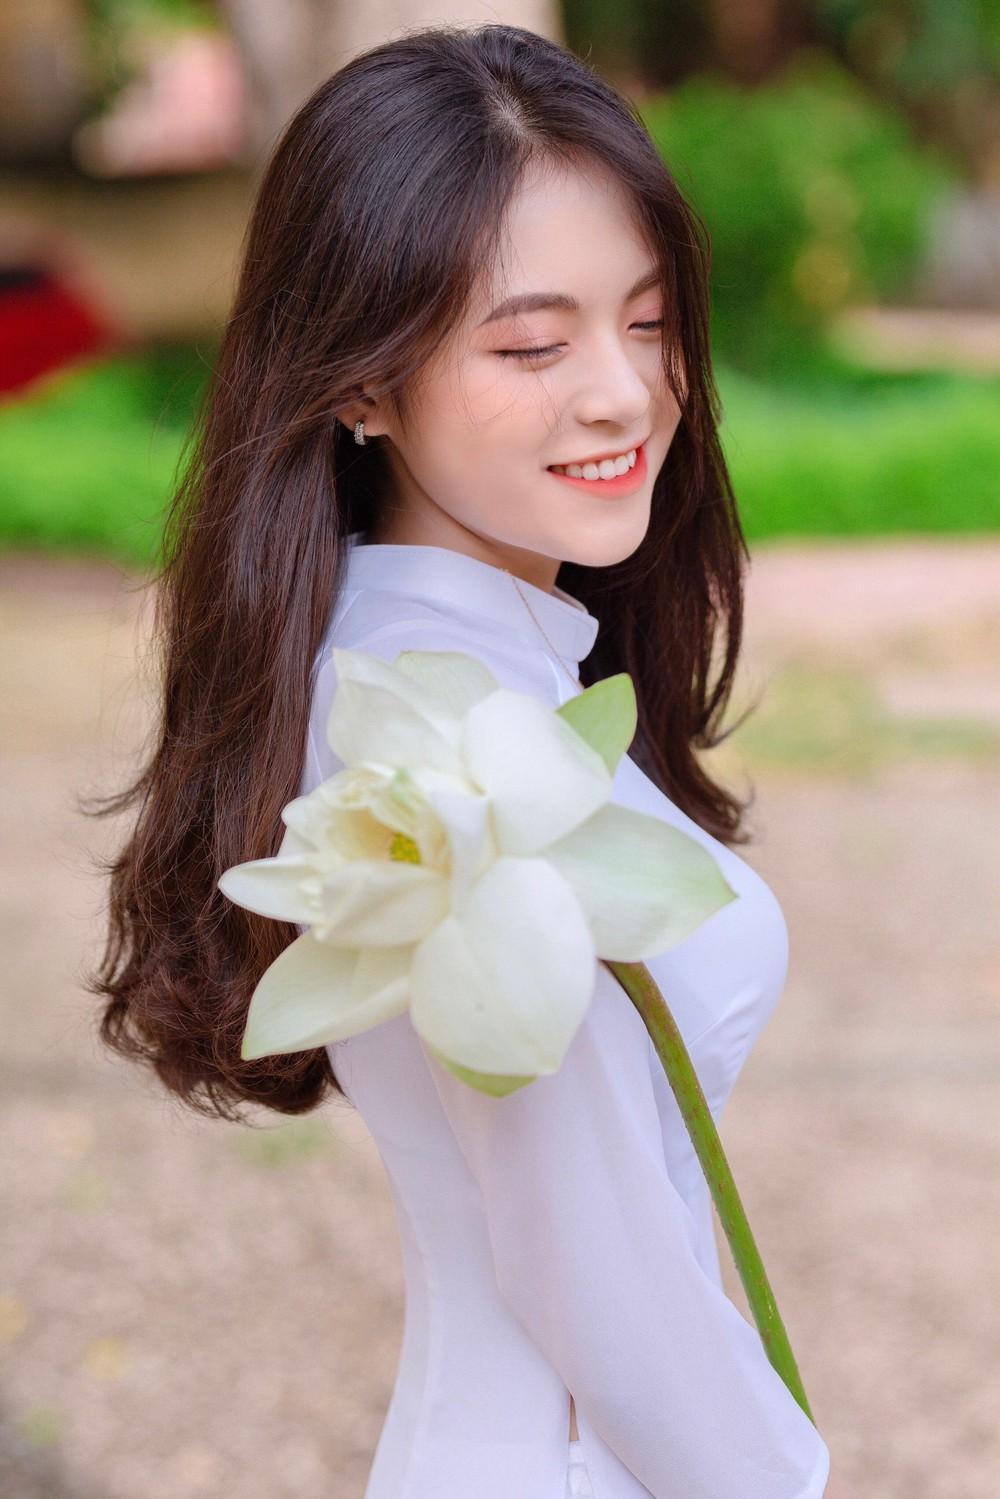 Hoa khôi trường Y sở hữu vẻ đẹp ngọt ngào gây thương nhớ trong tà áo dài - Ảnh 3.